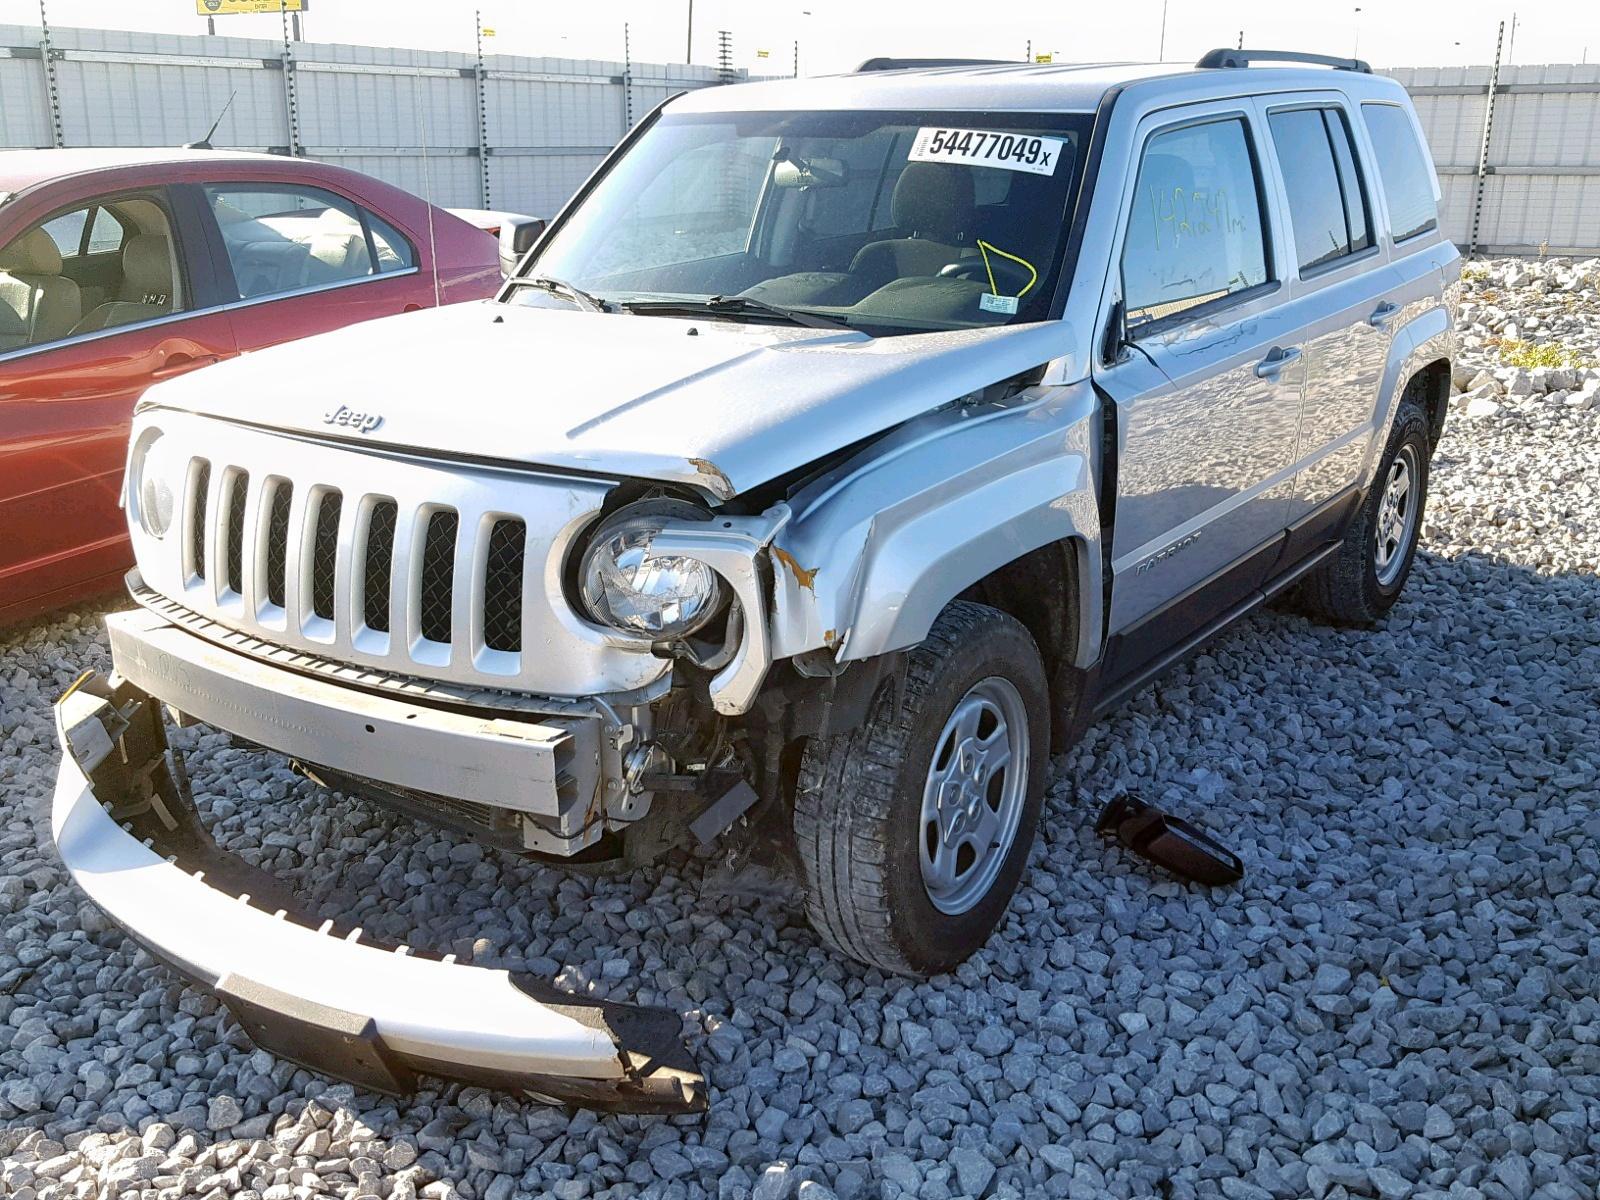 1C4NJPBA5DD272382 - 2013 Jeep Patriot Sp 2.0L Right View